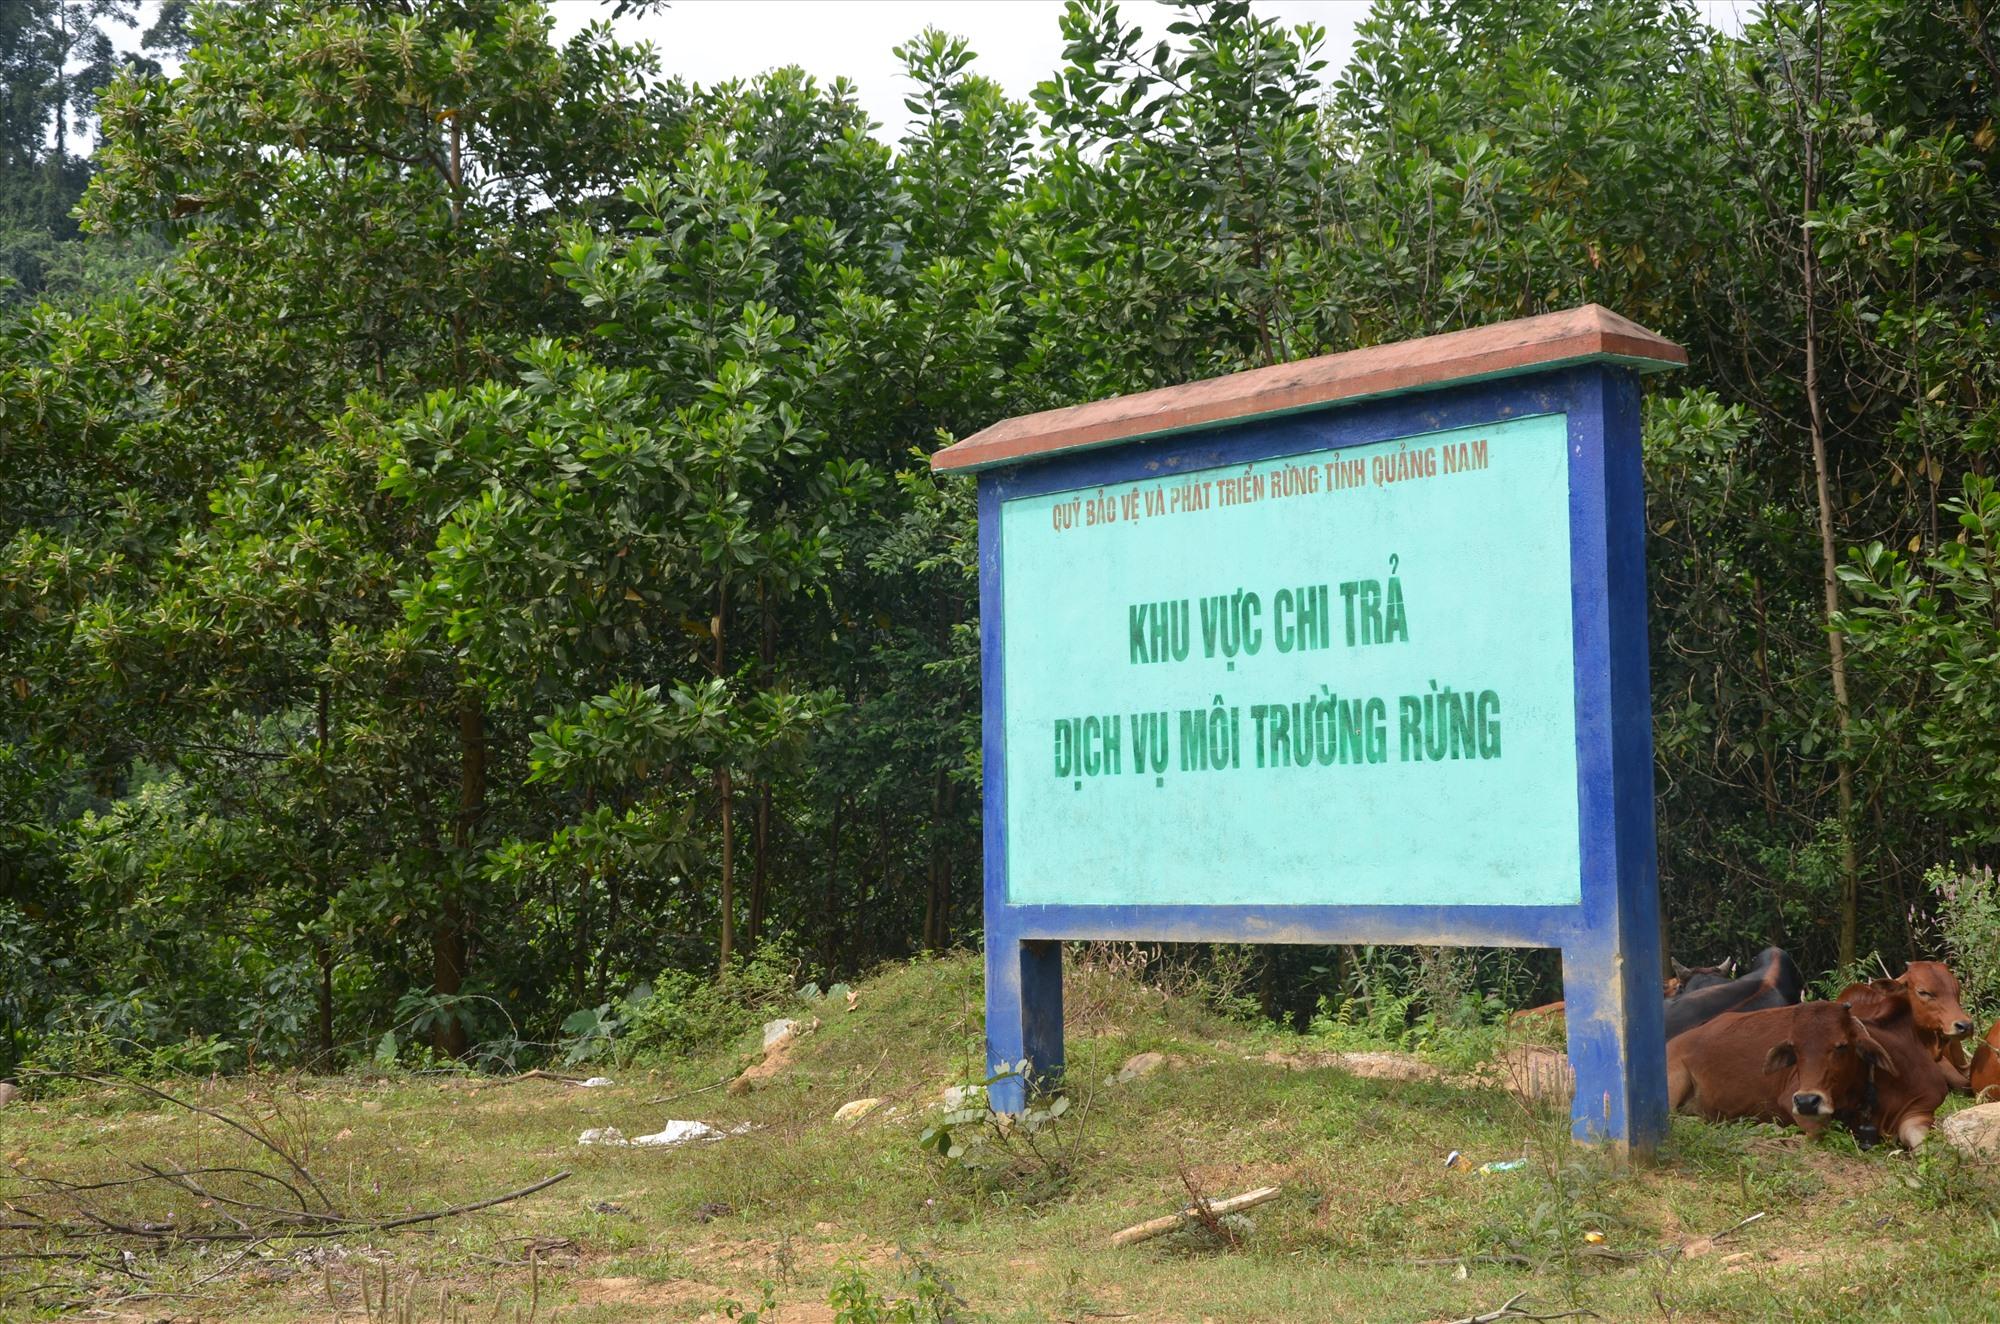 Một khu vực bảo vệ nghiêm ngặt trong khu dự trữ thiên nhiên Ngọc Linh thuộc xã Trà Tập, Nam Trà My. Ảnh: H.P